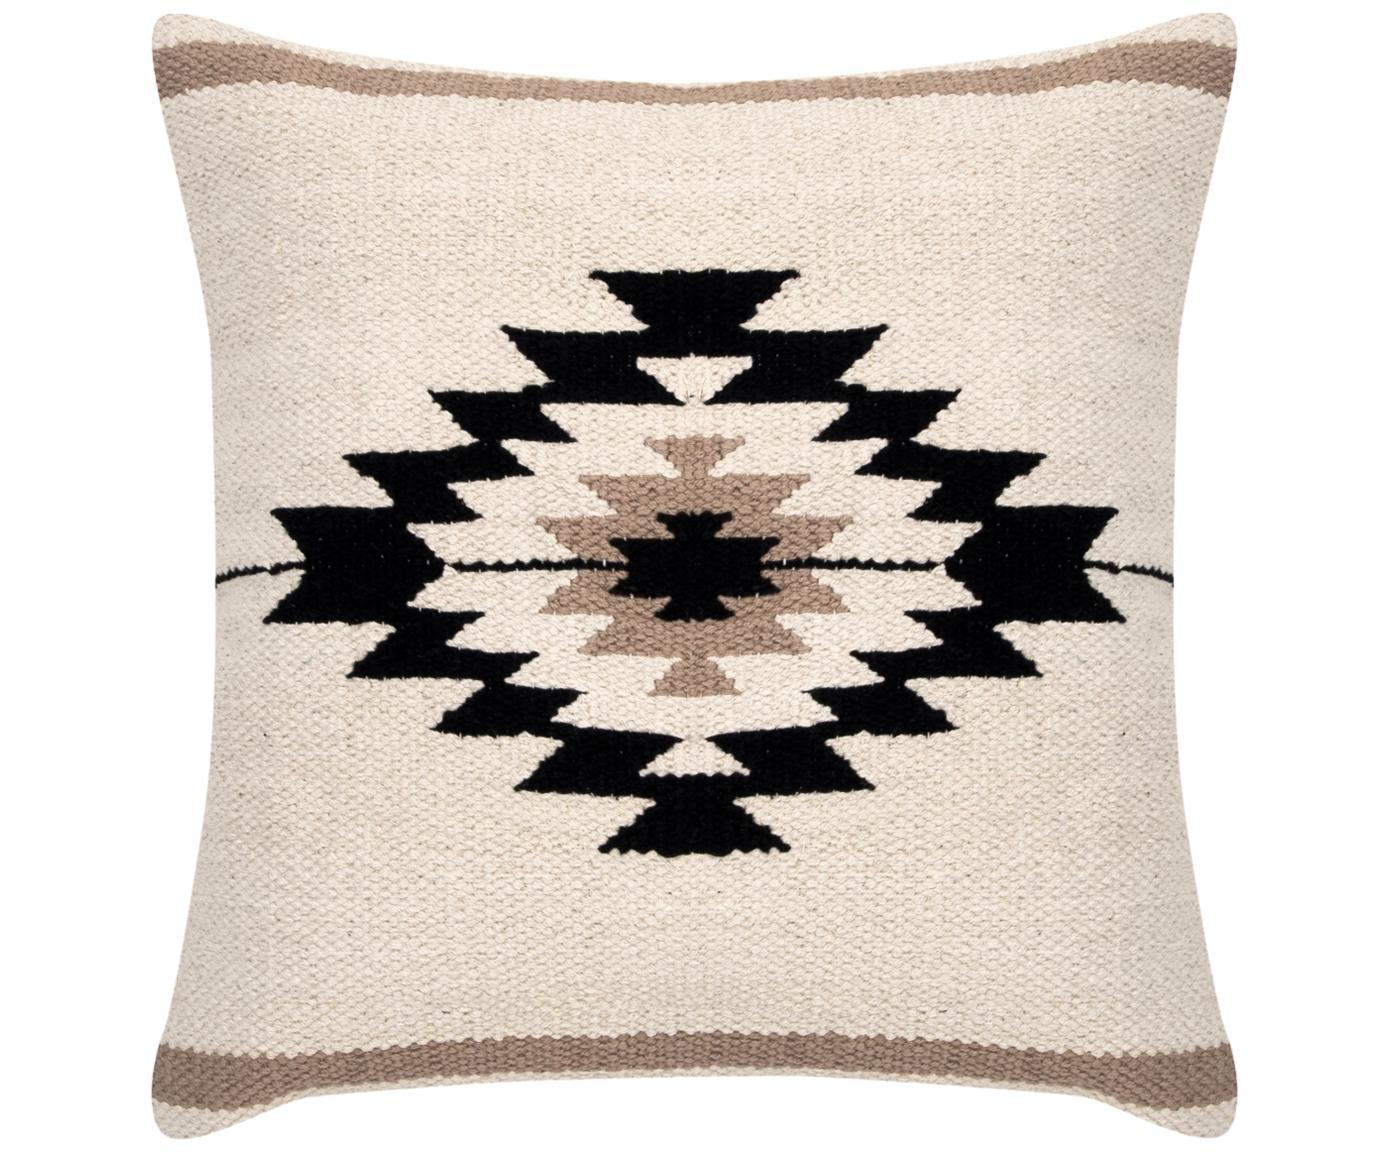 Kussenhoes Toluca, 100% katoen, Zwart, beige, taupe, 45 x 45 cm